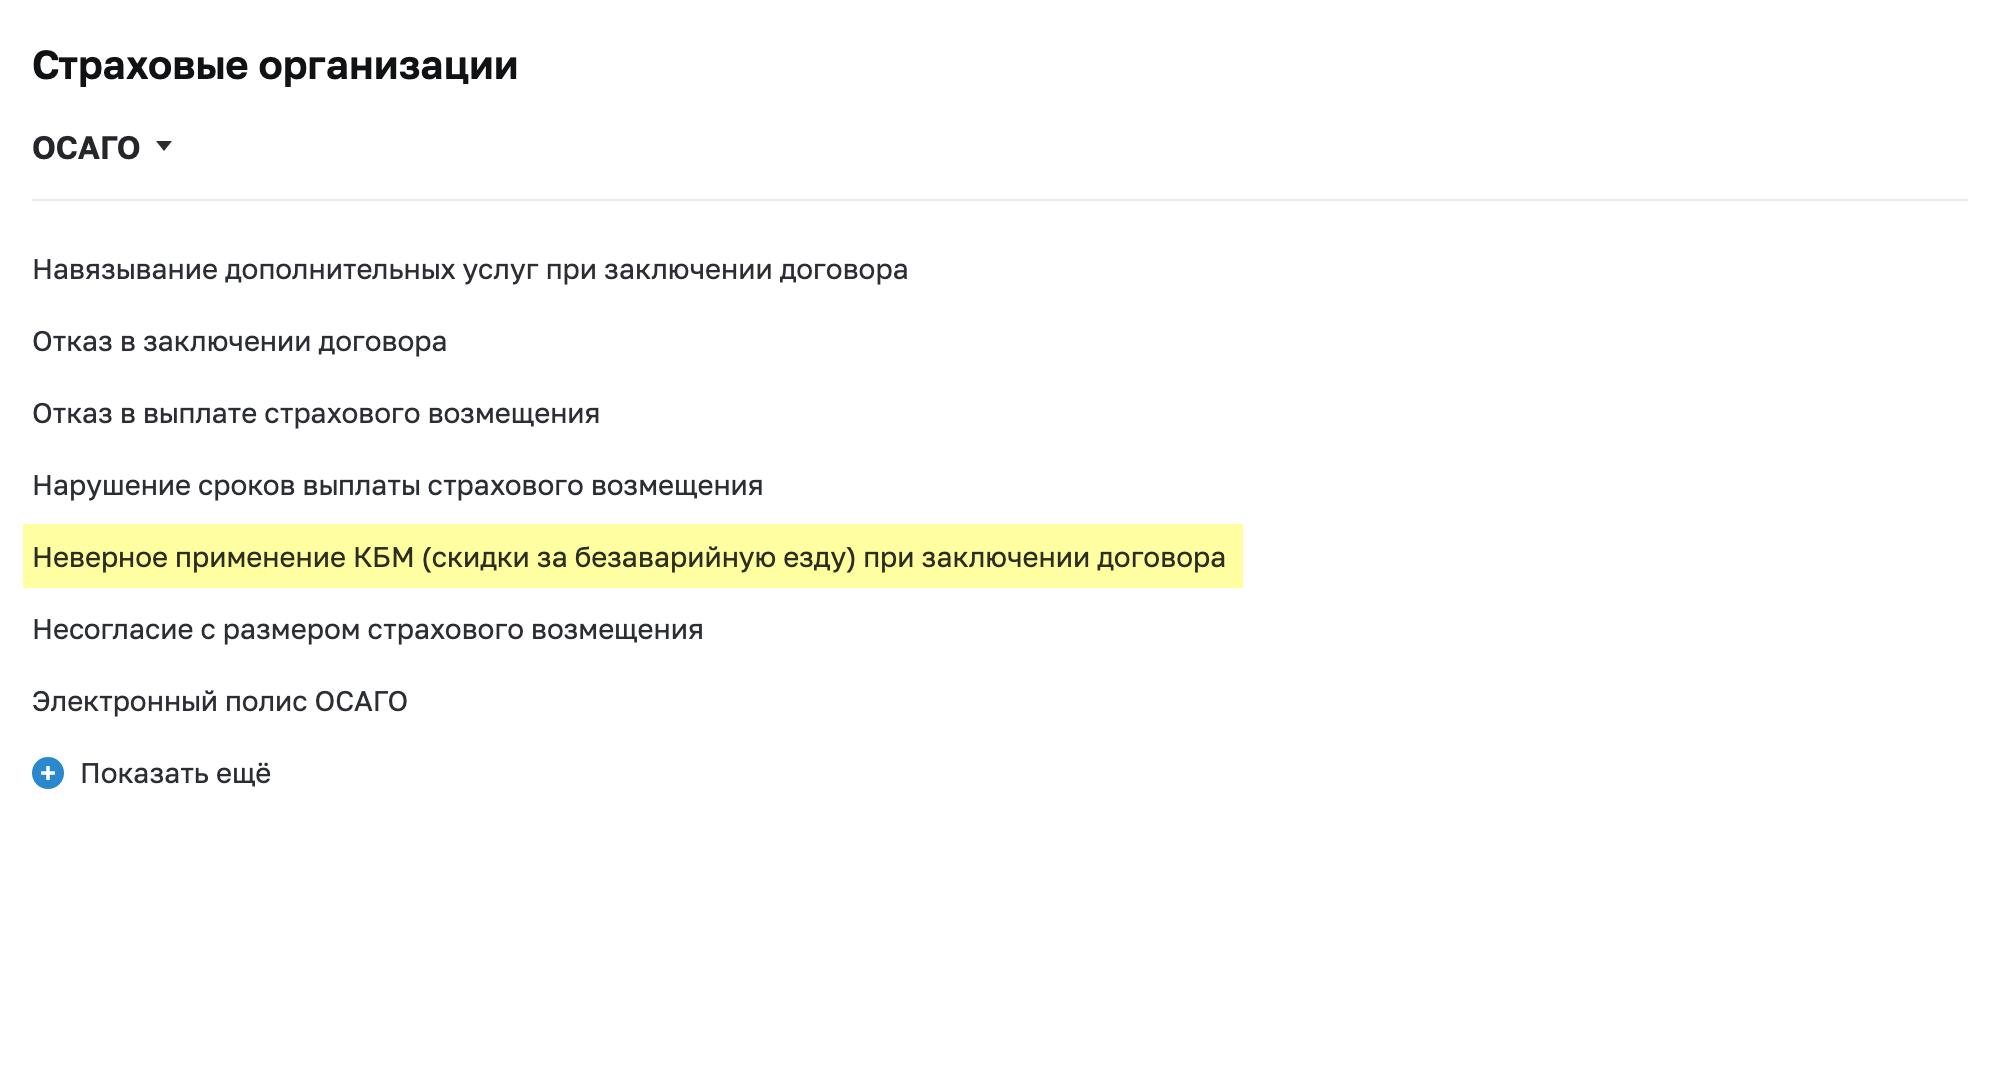 Найдите блок «Страховые организации» инавкладке «ОСАГО» выберите пункт «Неверное применение КБМ»